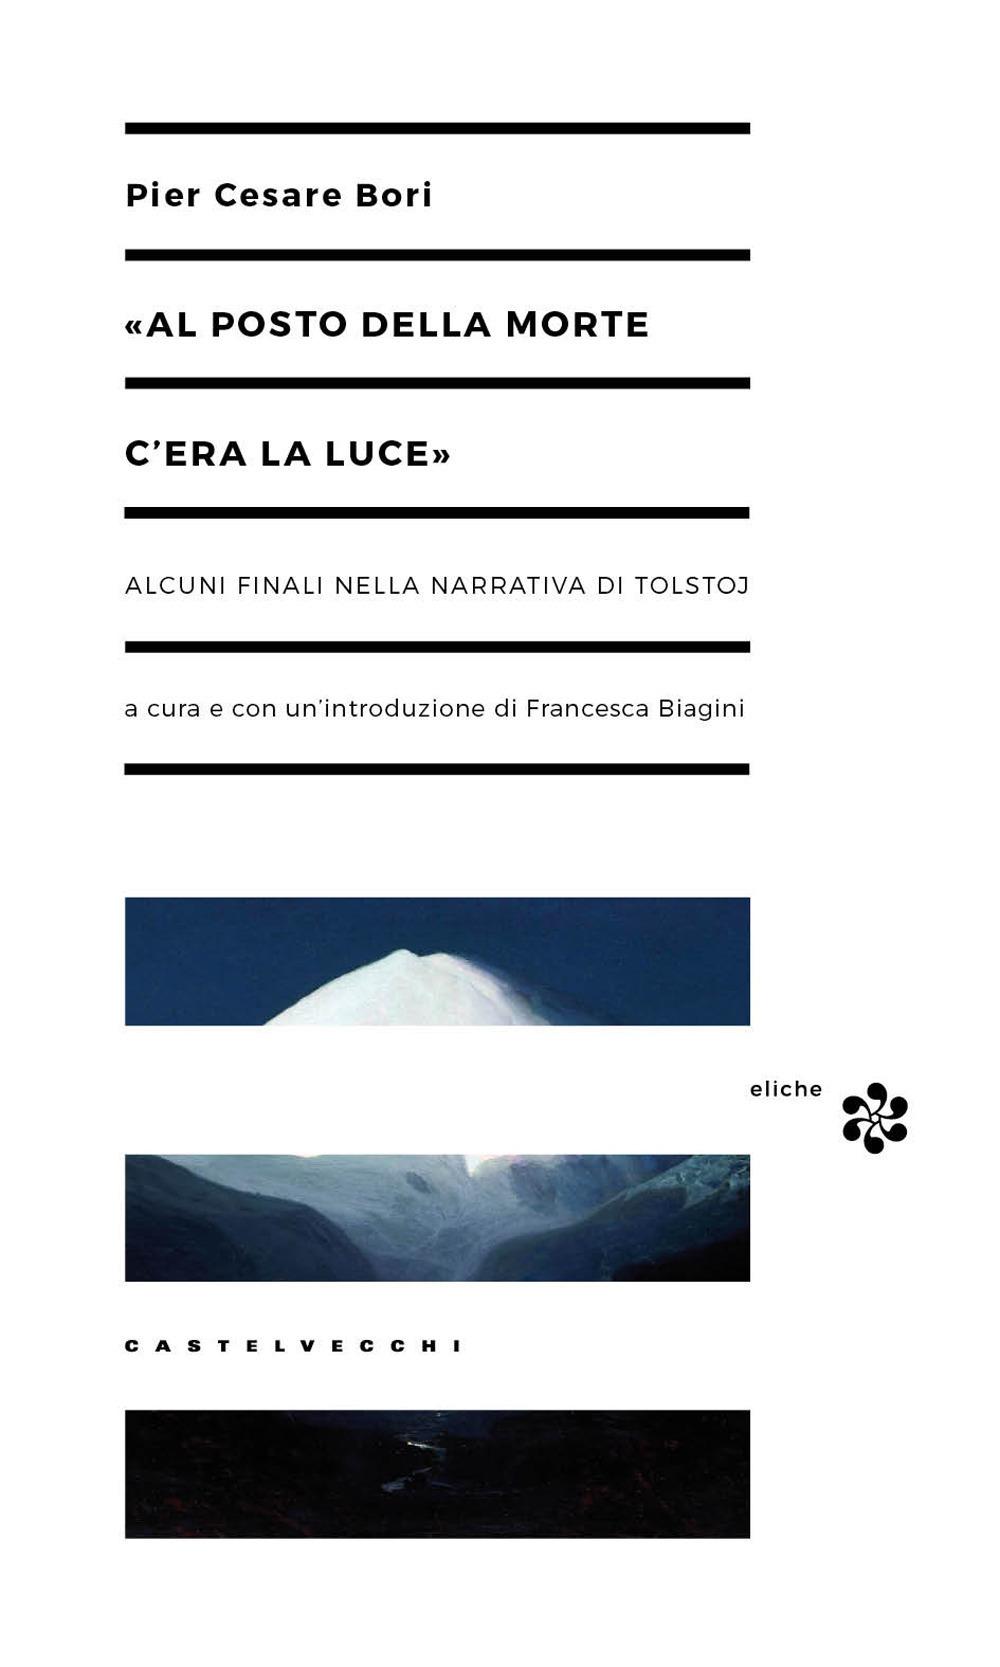 """Amina Crisma: """"Al posto della morte c'era la luce"""". Pier Cesare Bori interpreta Tolstoj"""